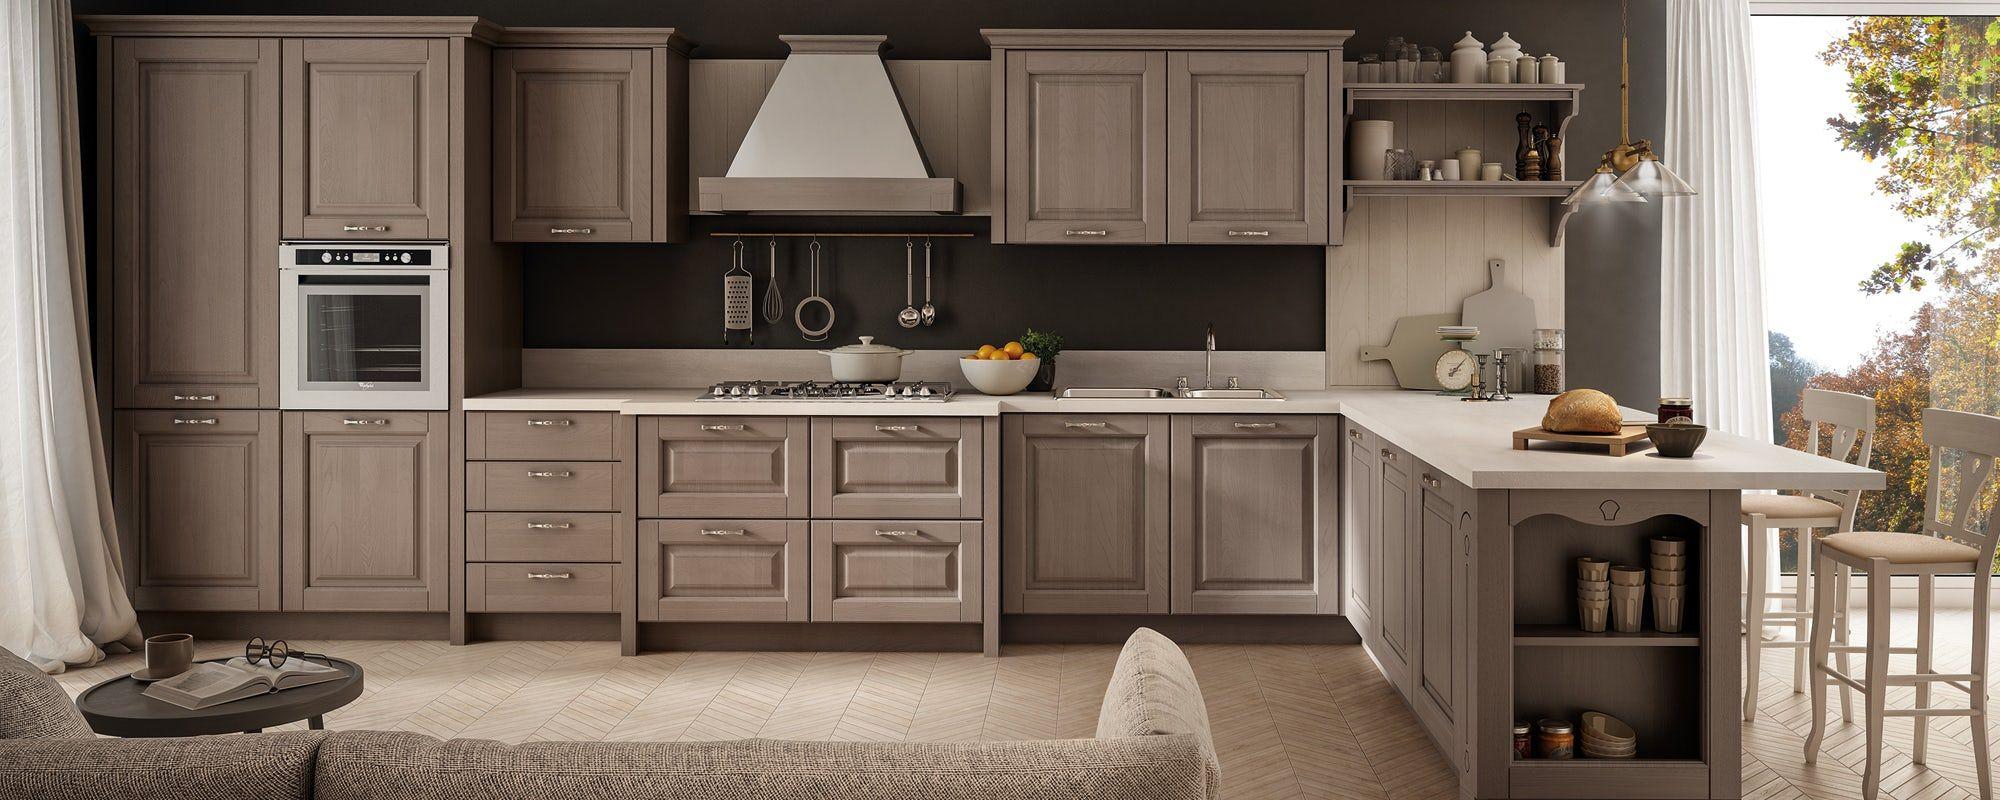 cucine classiche stosa - modello cucina bolgheri 05 | arredi casa ...